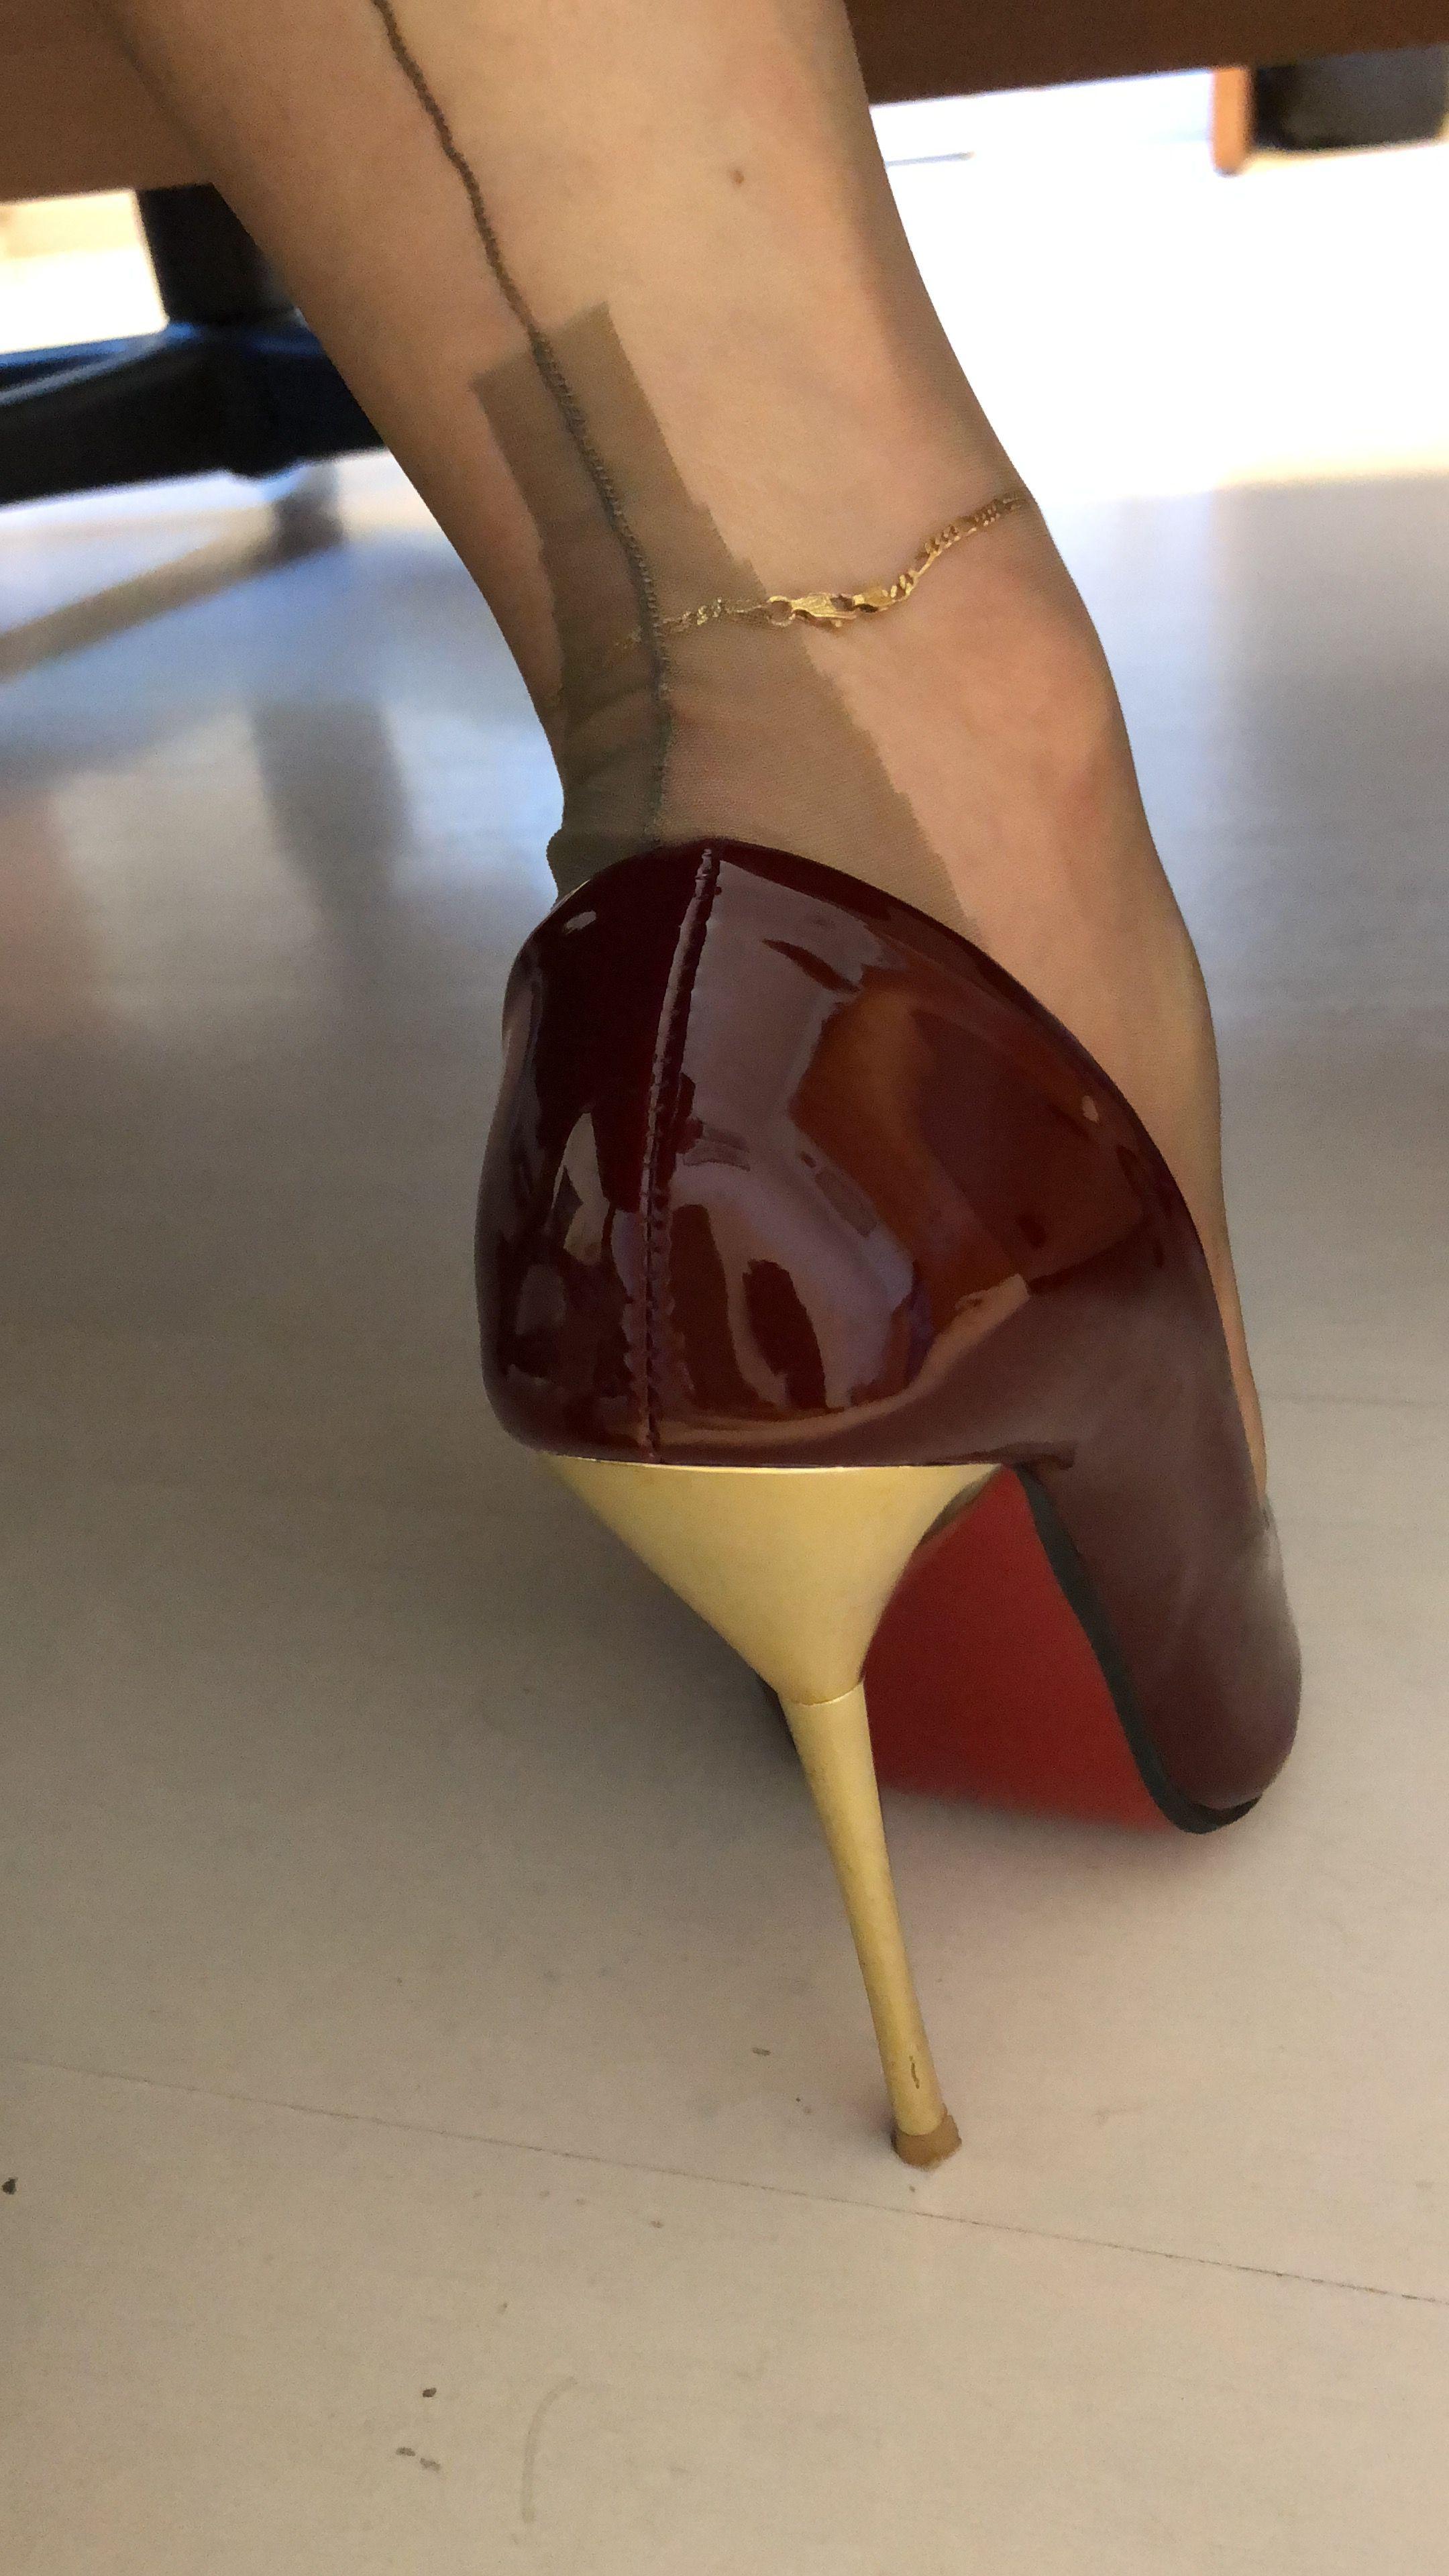 672e721da151 Do you like these heels